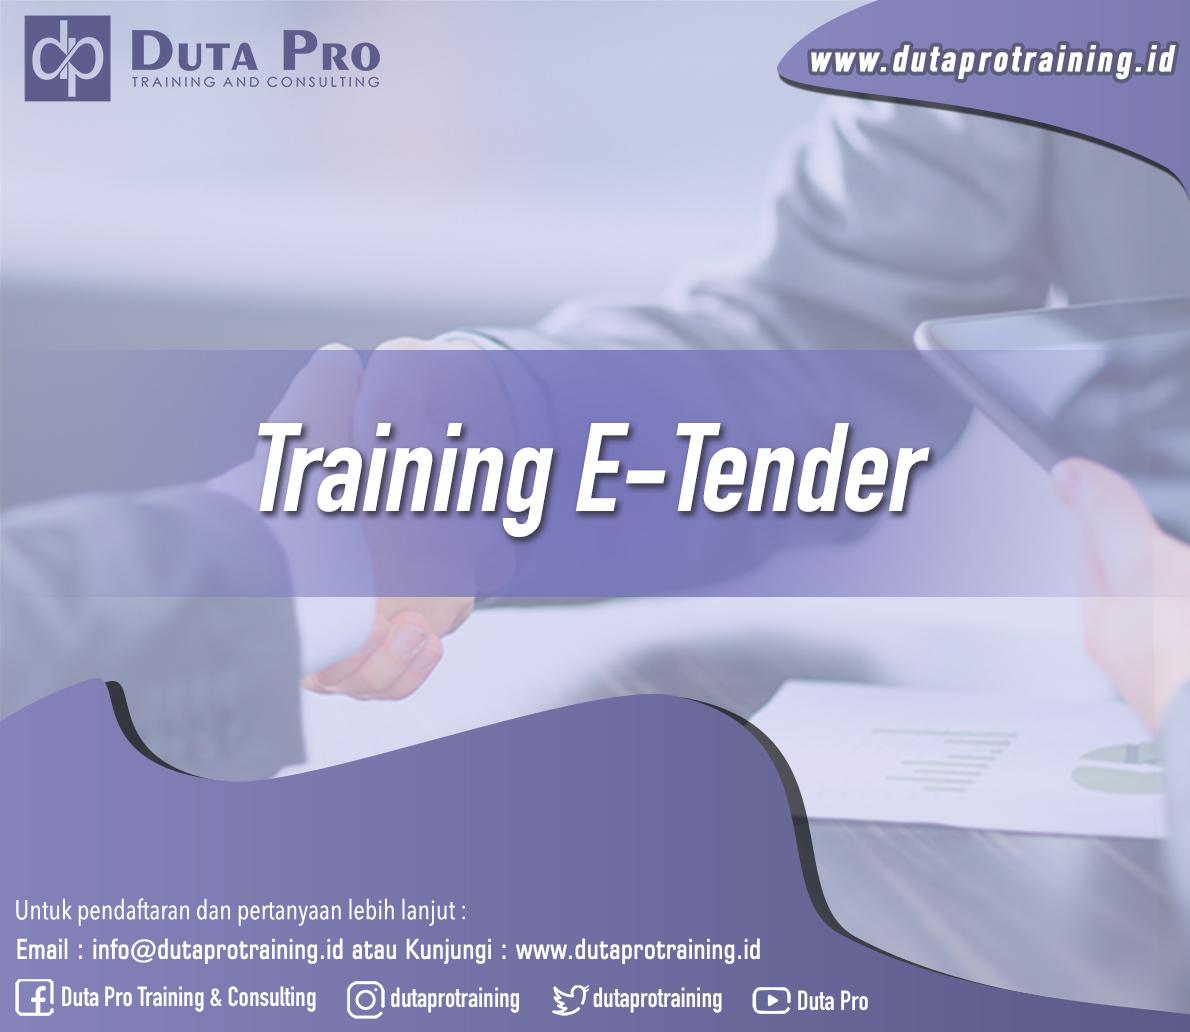 Training E-Tender